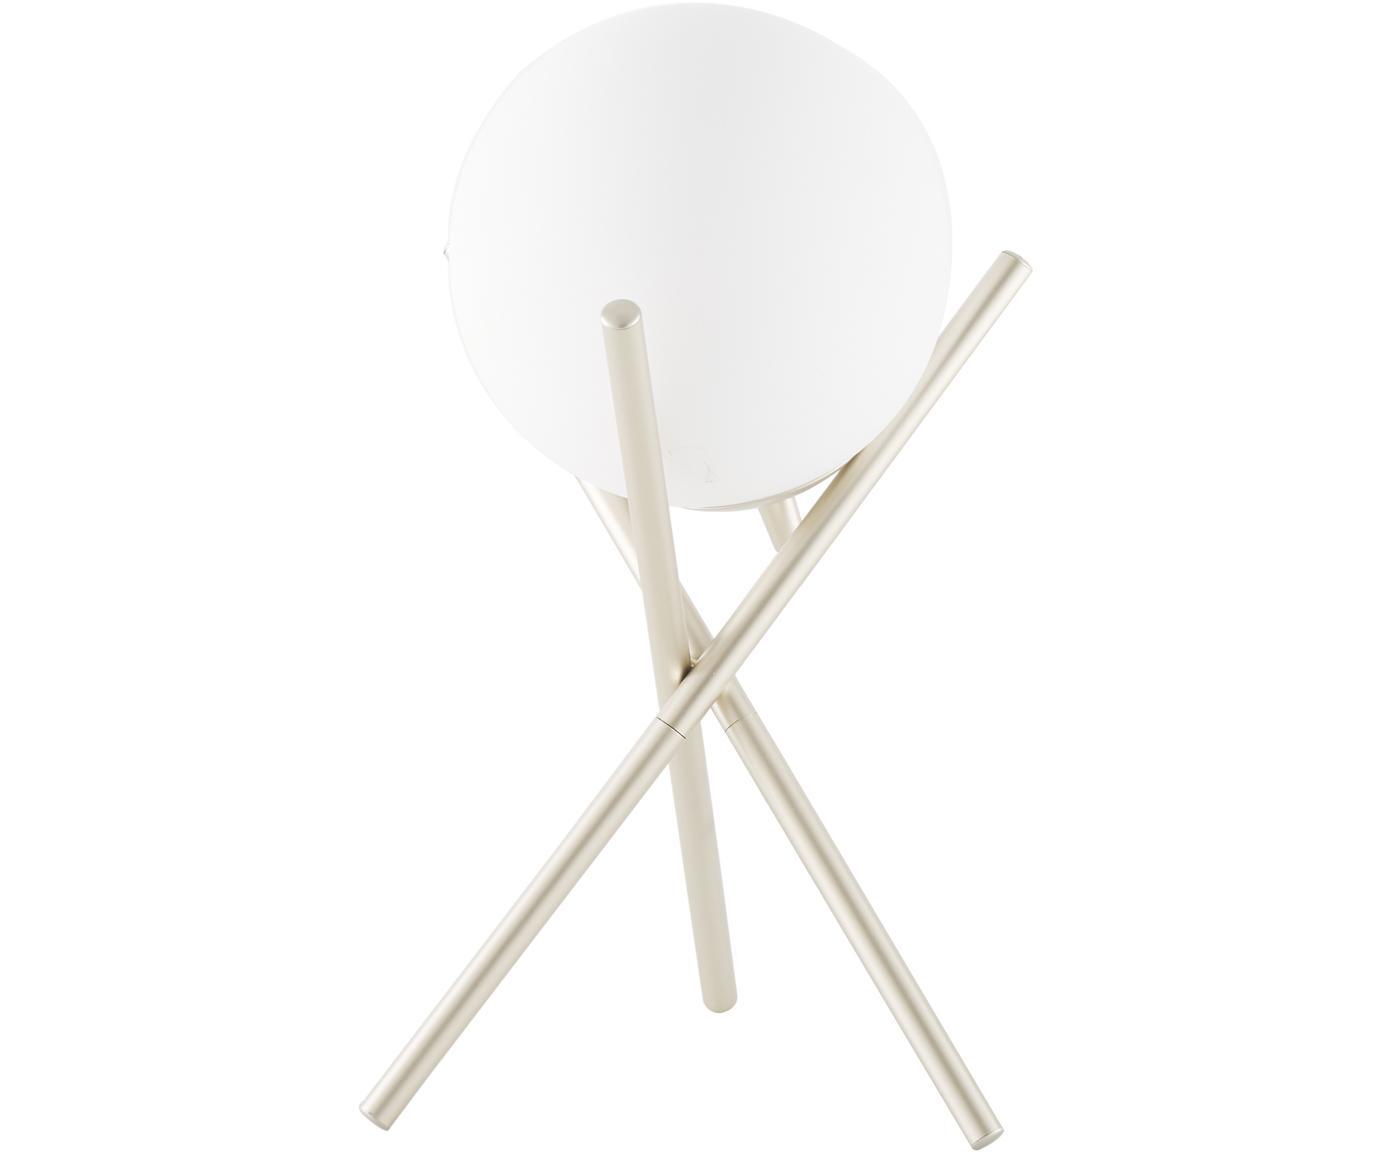 Tripod Tischlampe Erik mit Glasschirm, Lampenschirm: Glas, Lampenfuß: Metall, lackiert, Weiß, Champagnerfarben, Ø 15 x H 33 cm